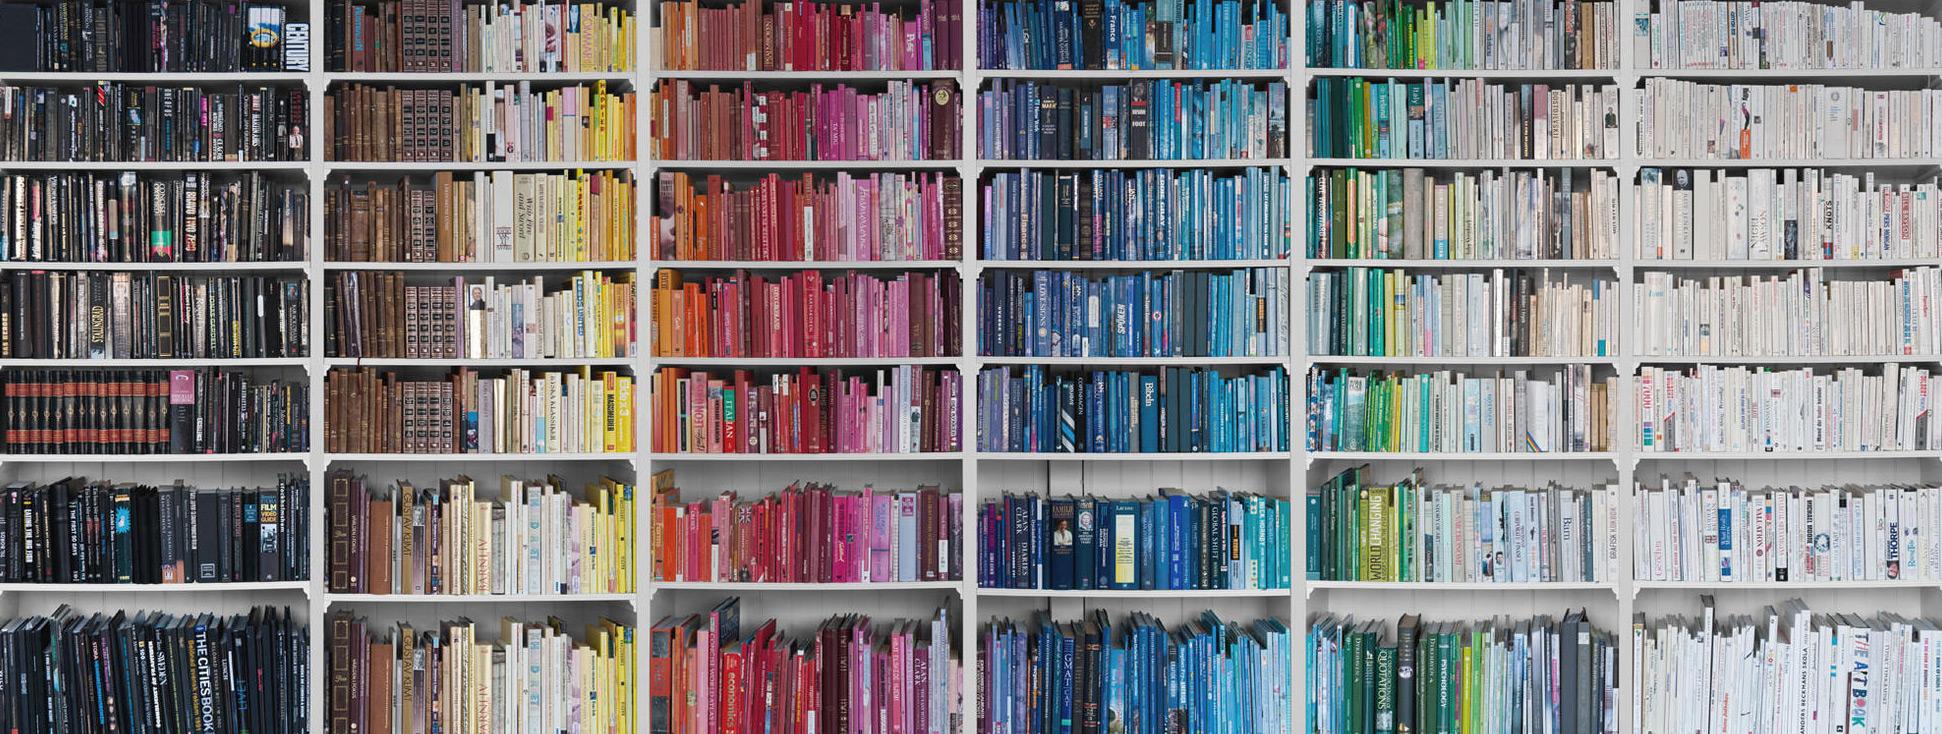 wall of books wallpaper wallpapersafari